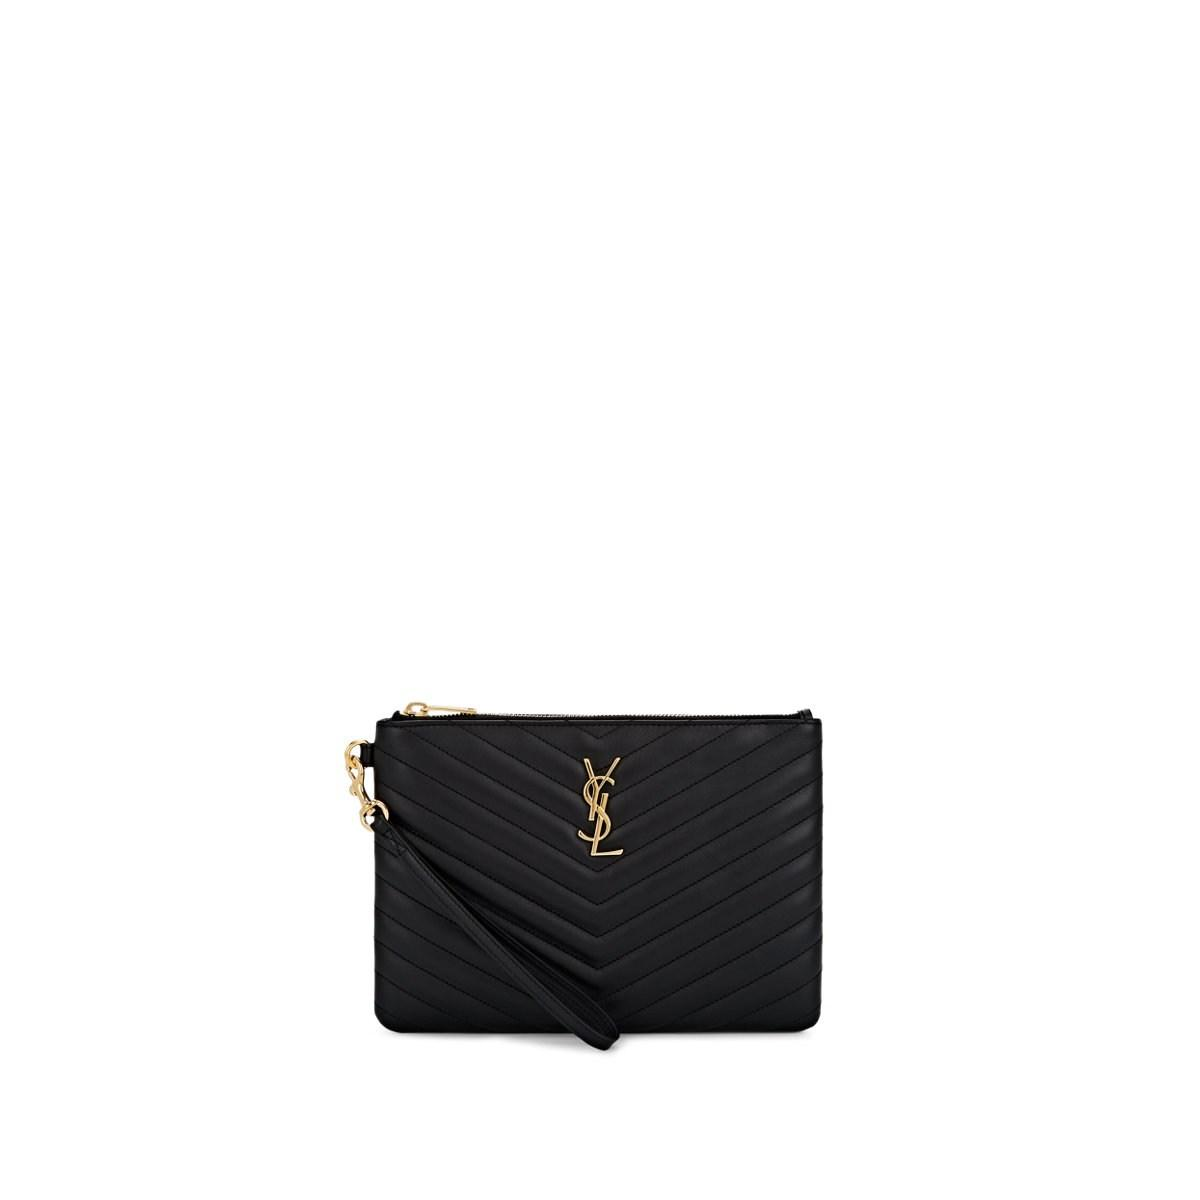 78501d5ff04 Lyst - Saint Laurent Monogram Leather Pouch in Black